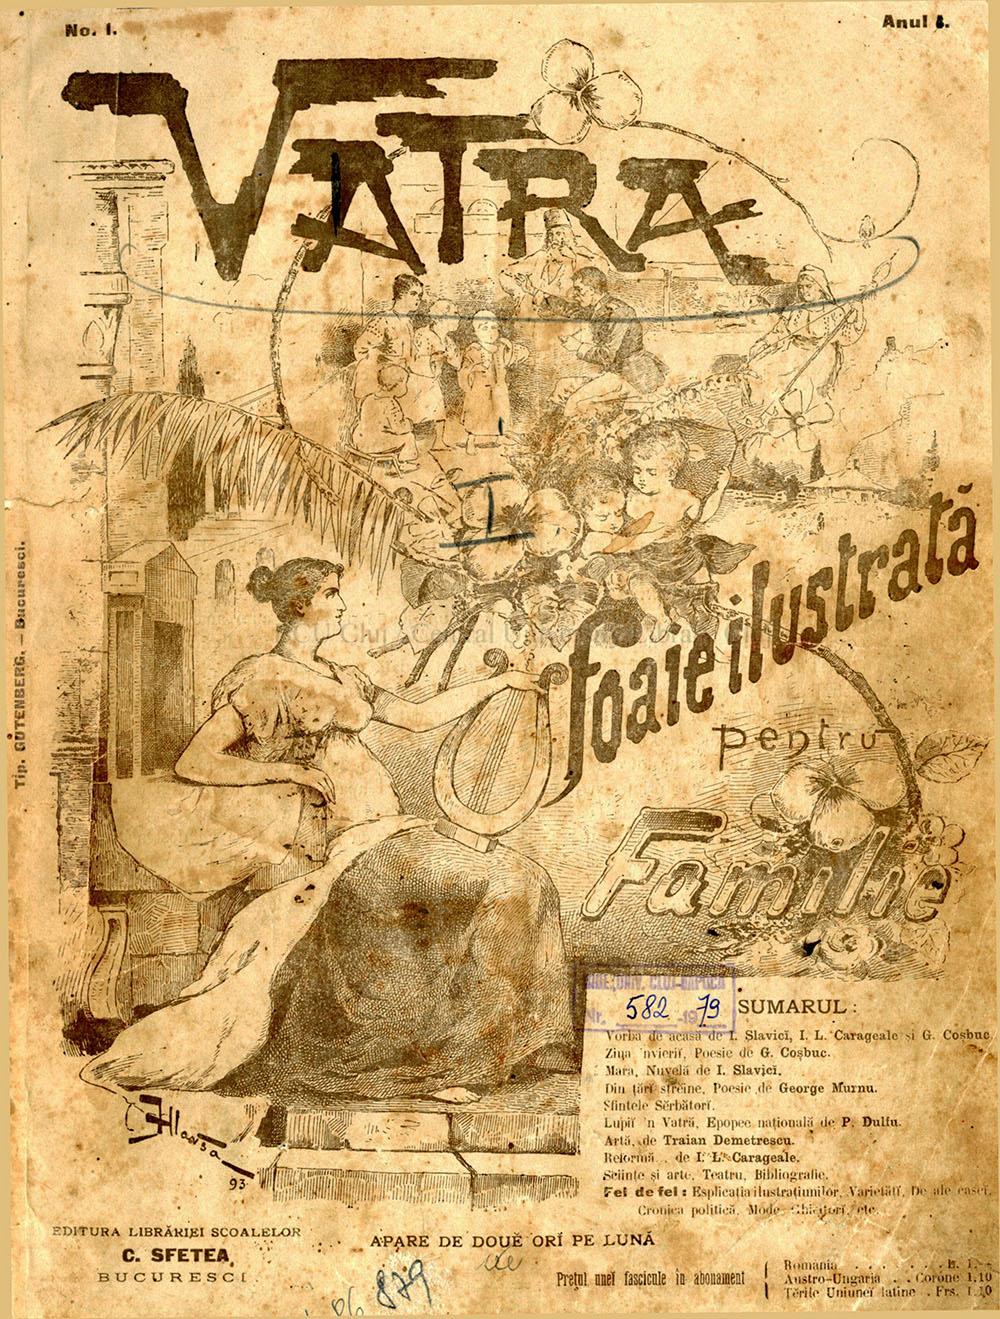 Primul număr al revistei VATRA